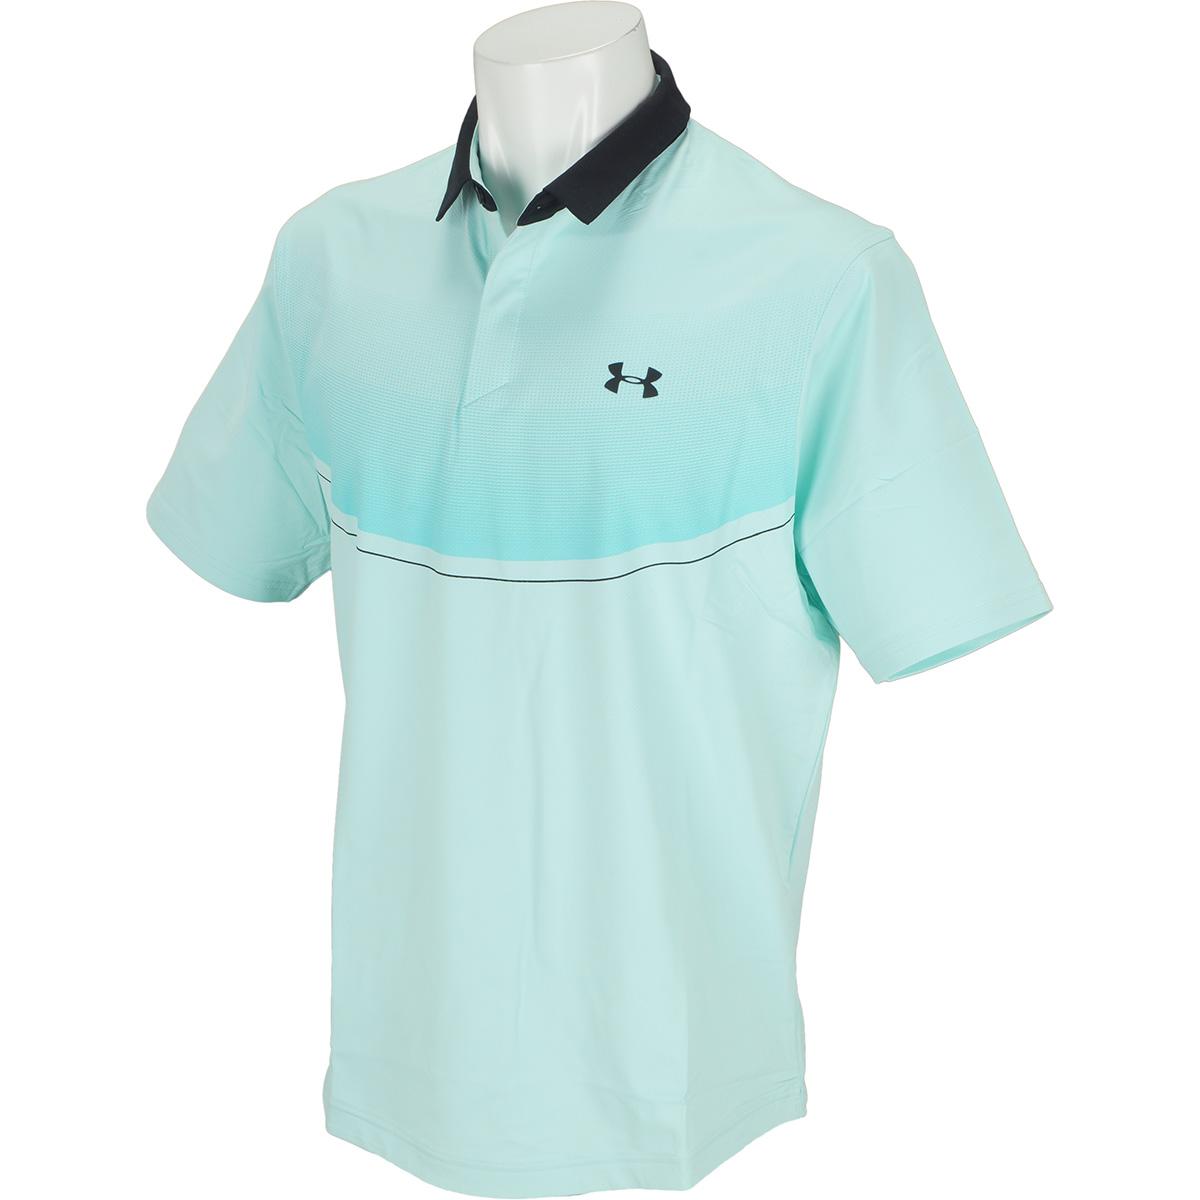 UA Iso-Chill グラフィック半袖ポロシャツ